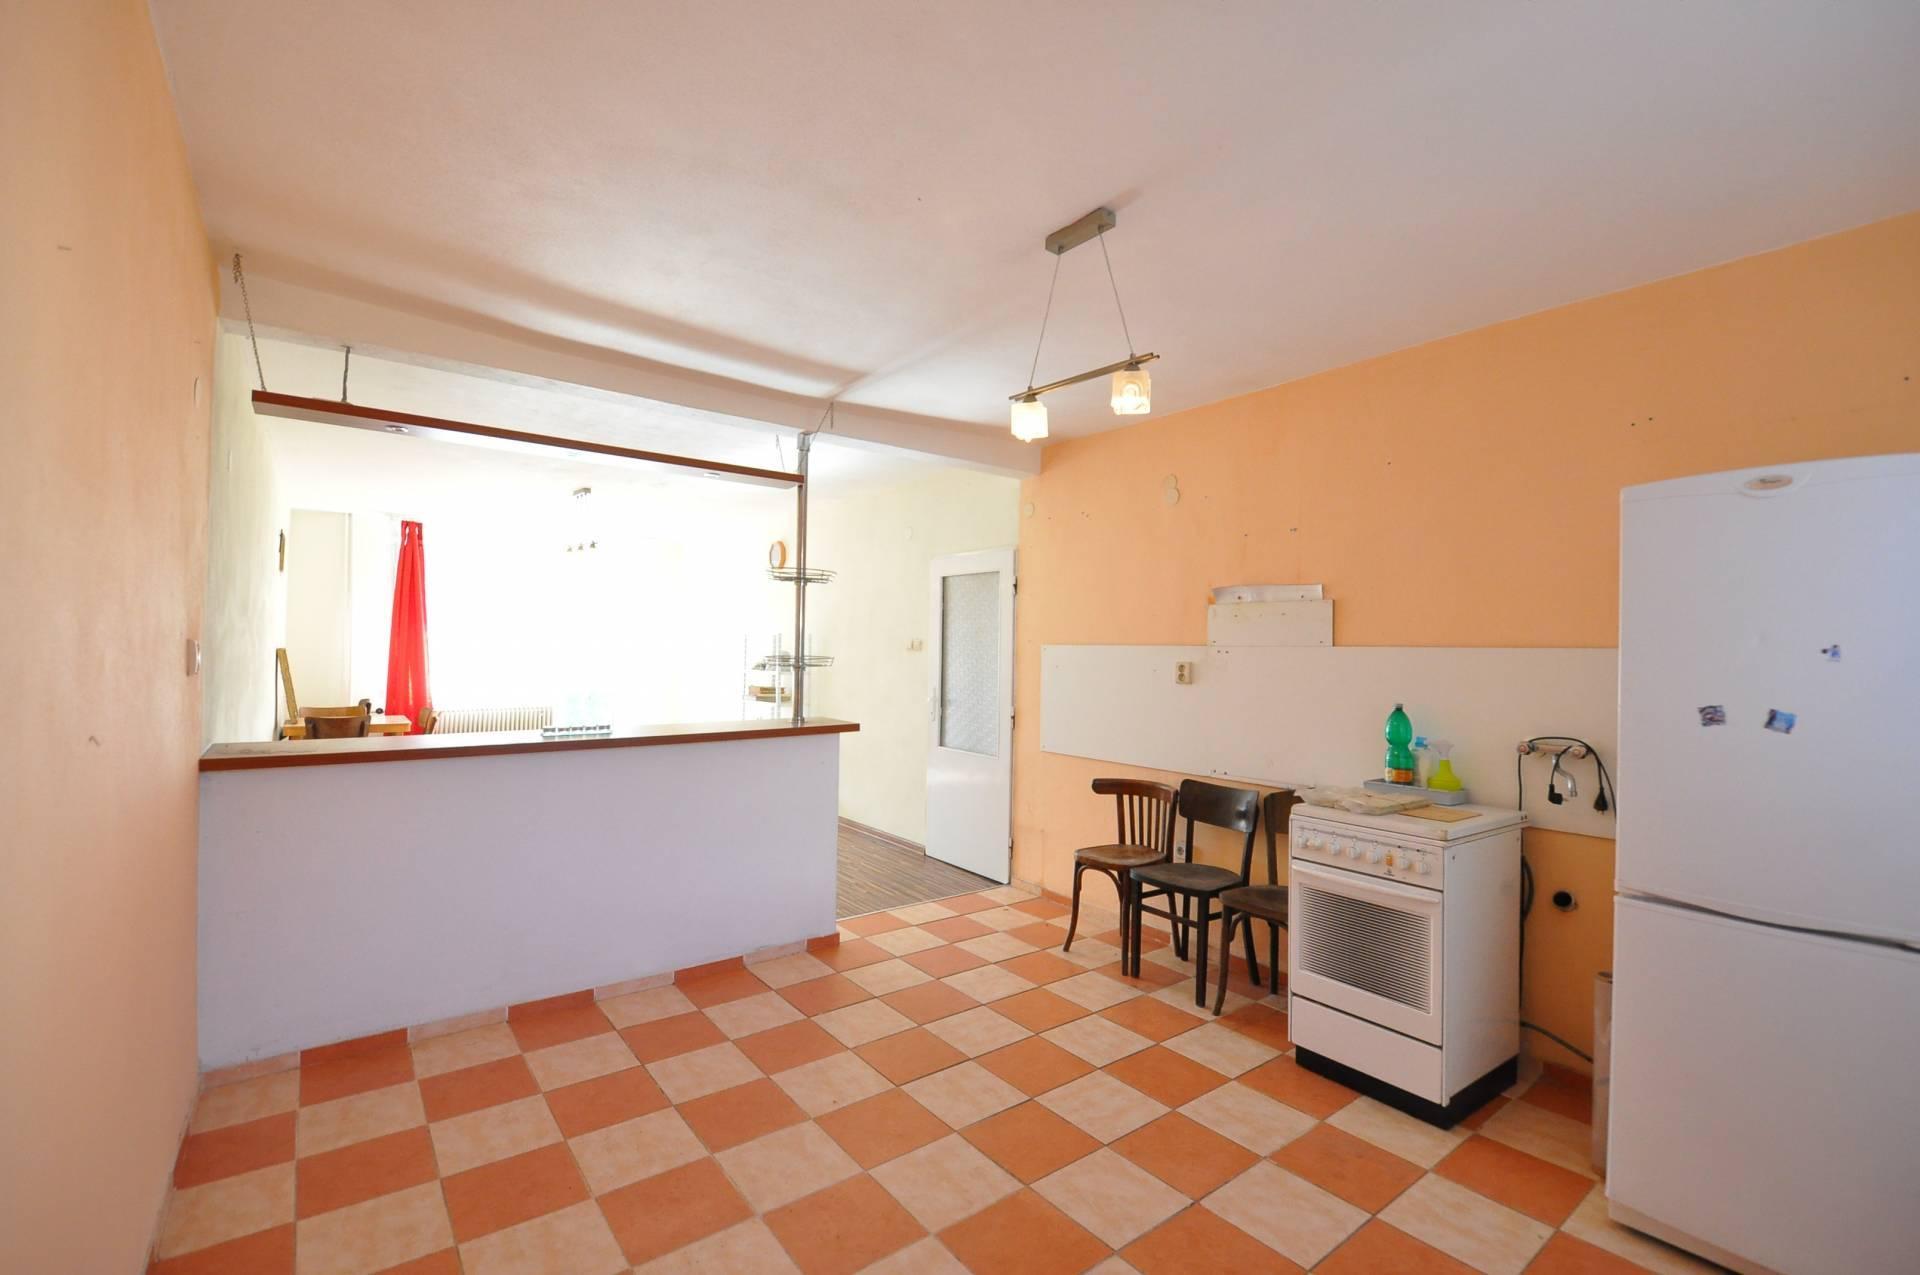 Predaj domu 172 m2, Poprad - PREDAJ, Rodinný dom, Poprad, Ul. Kvetná, pozemok 510 m2,